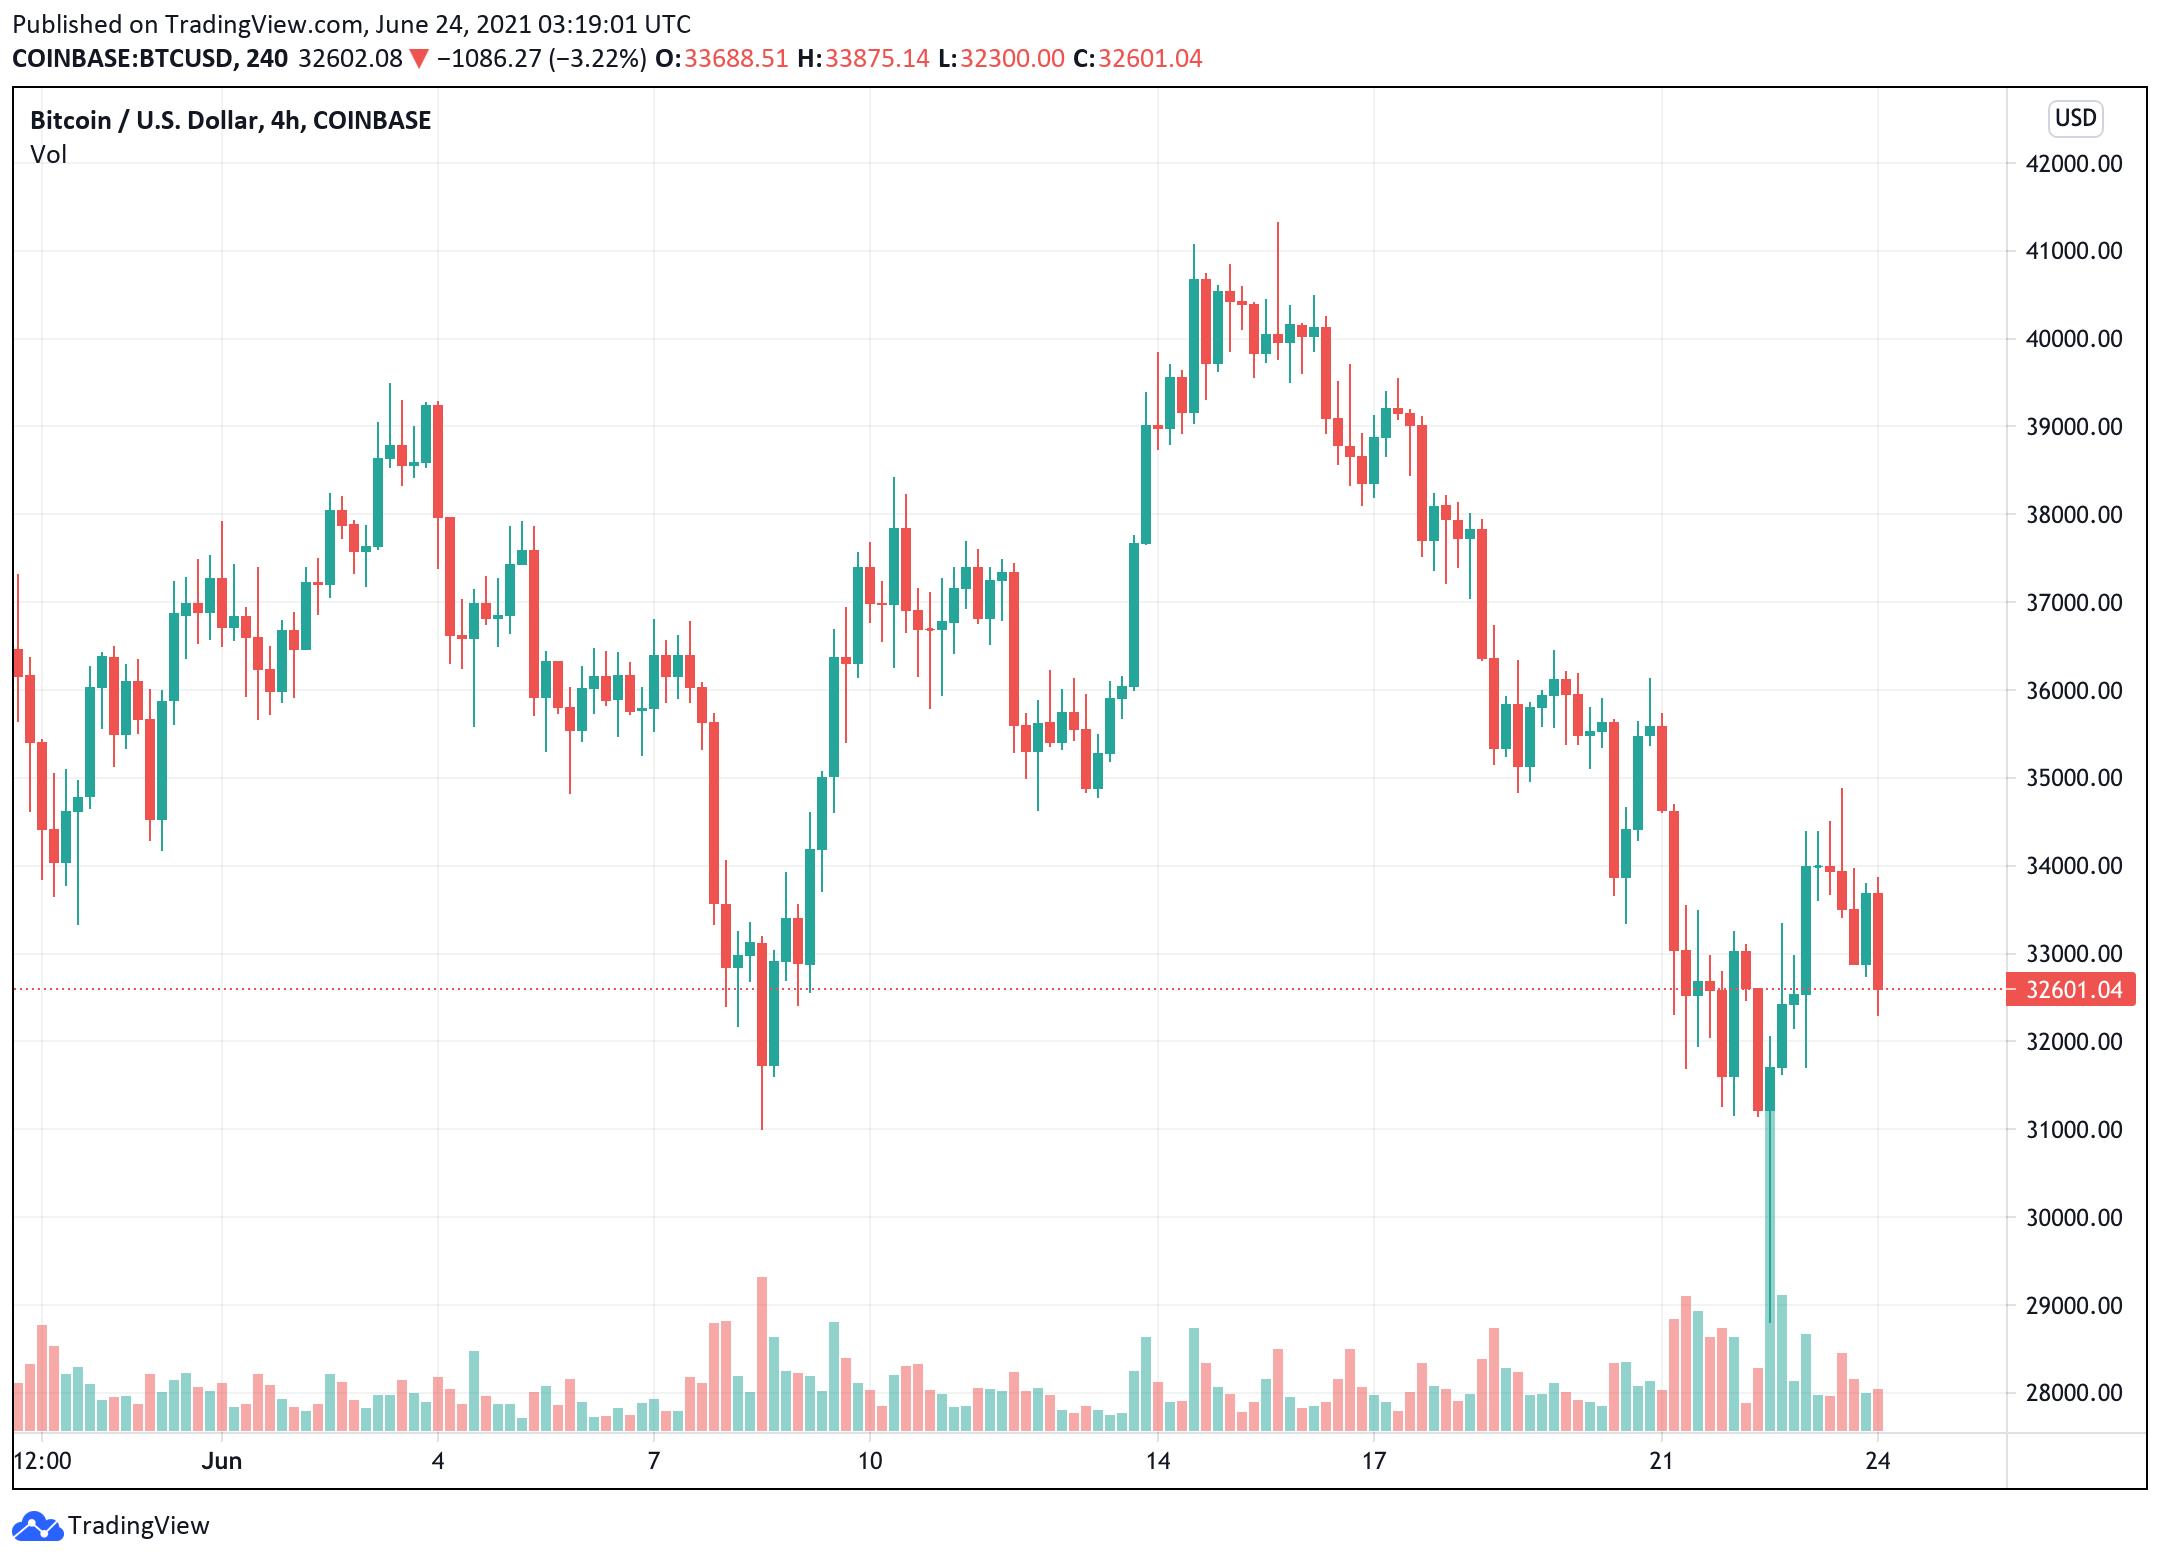 bitcoin-giá-đã-bỏ-một-số-lợi-nhuận-hôm nay-cho thấy-điều-đó-ngắn hạn-tăng-giá-đang-mất dần